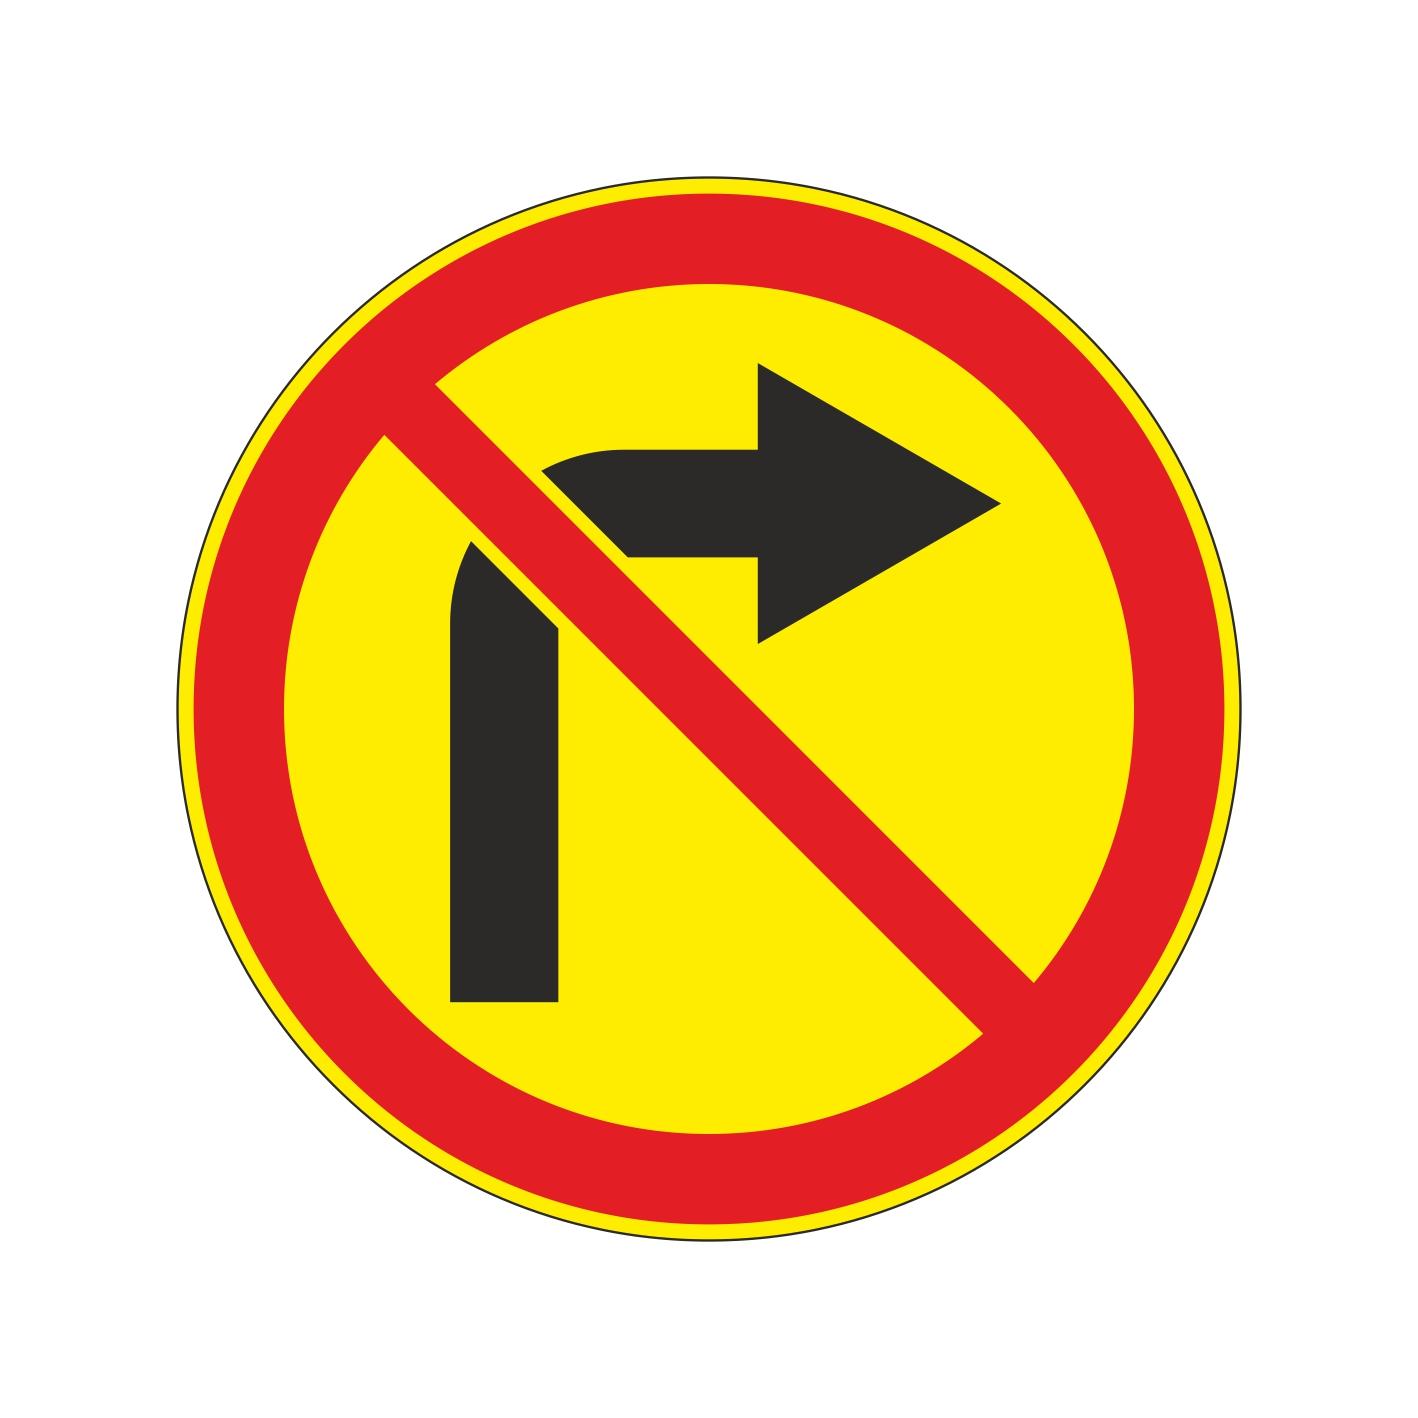 3.18.1 (временный) Поворот направо запрещен [дорожный знак]